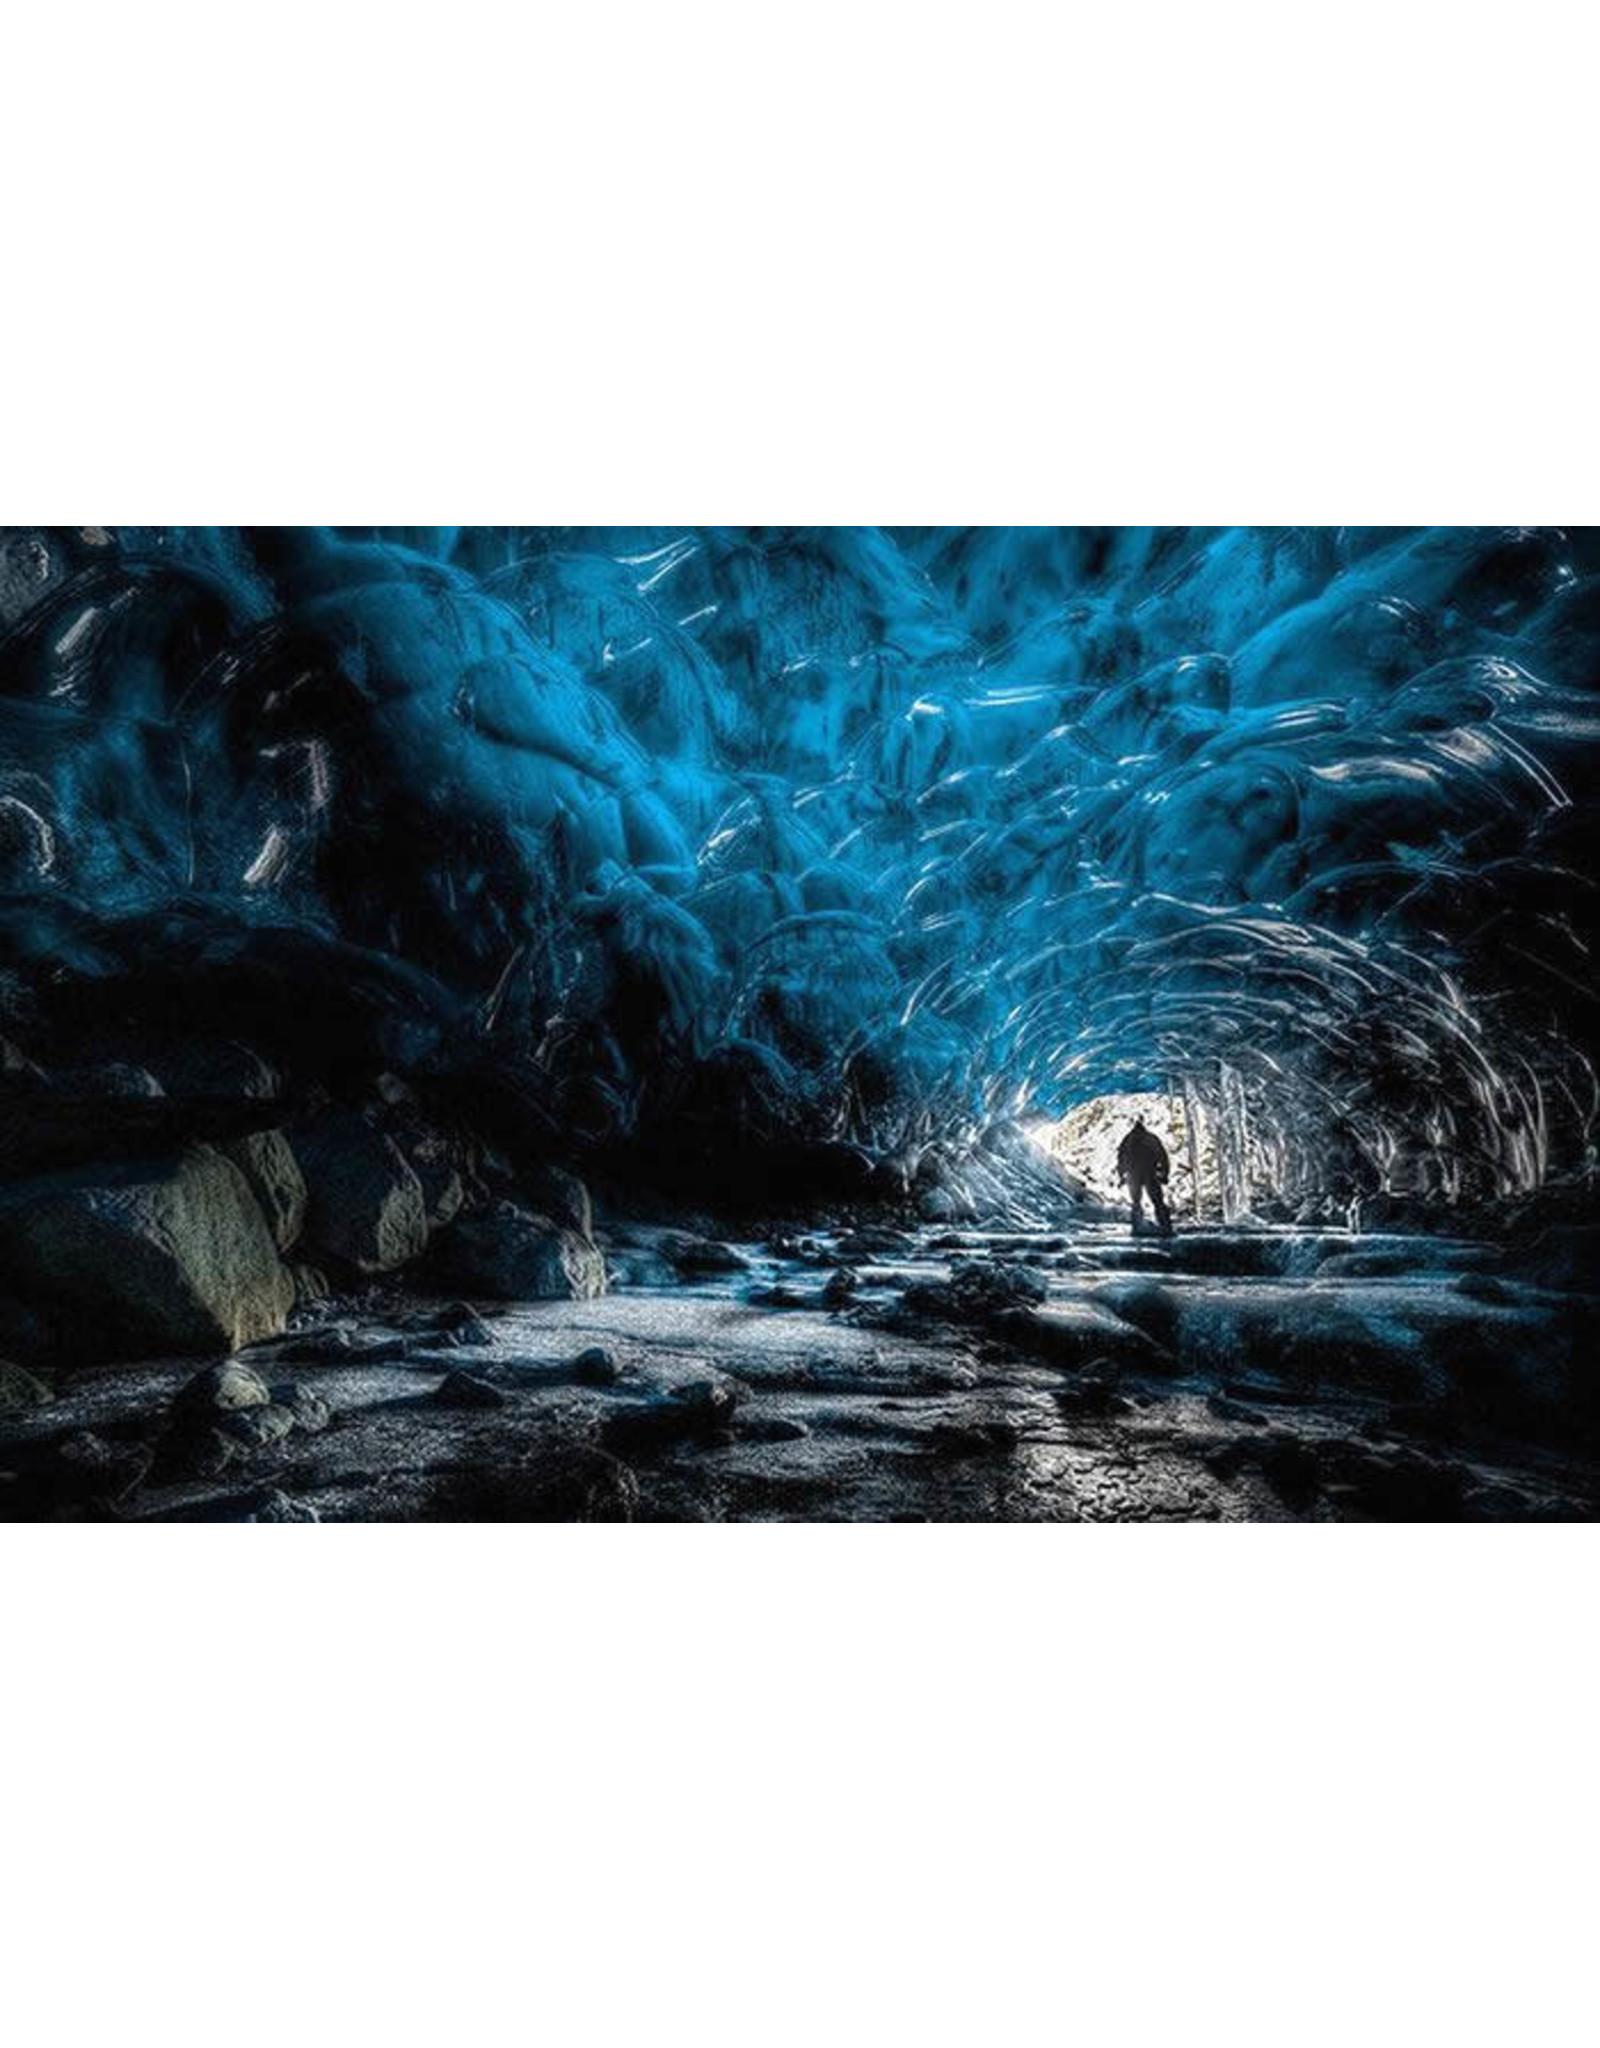 Frank Lynn Pierce Ice Cave | Frank Lynn Pierce